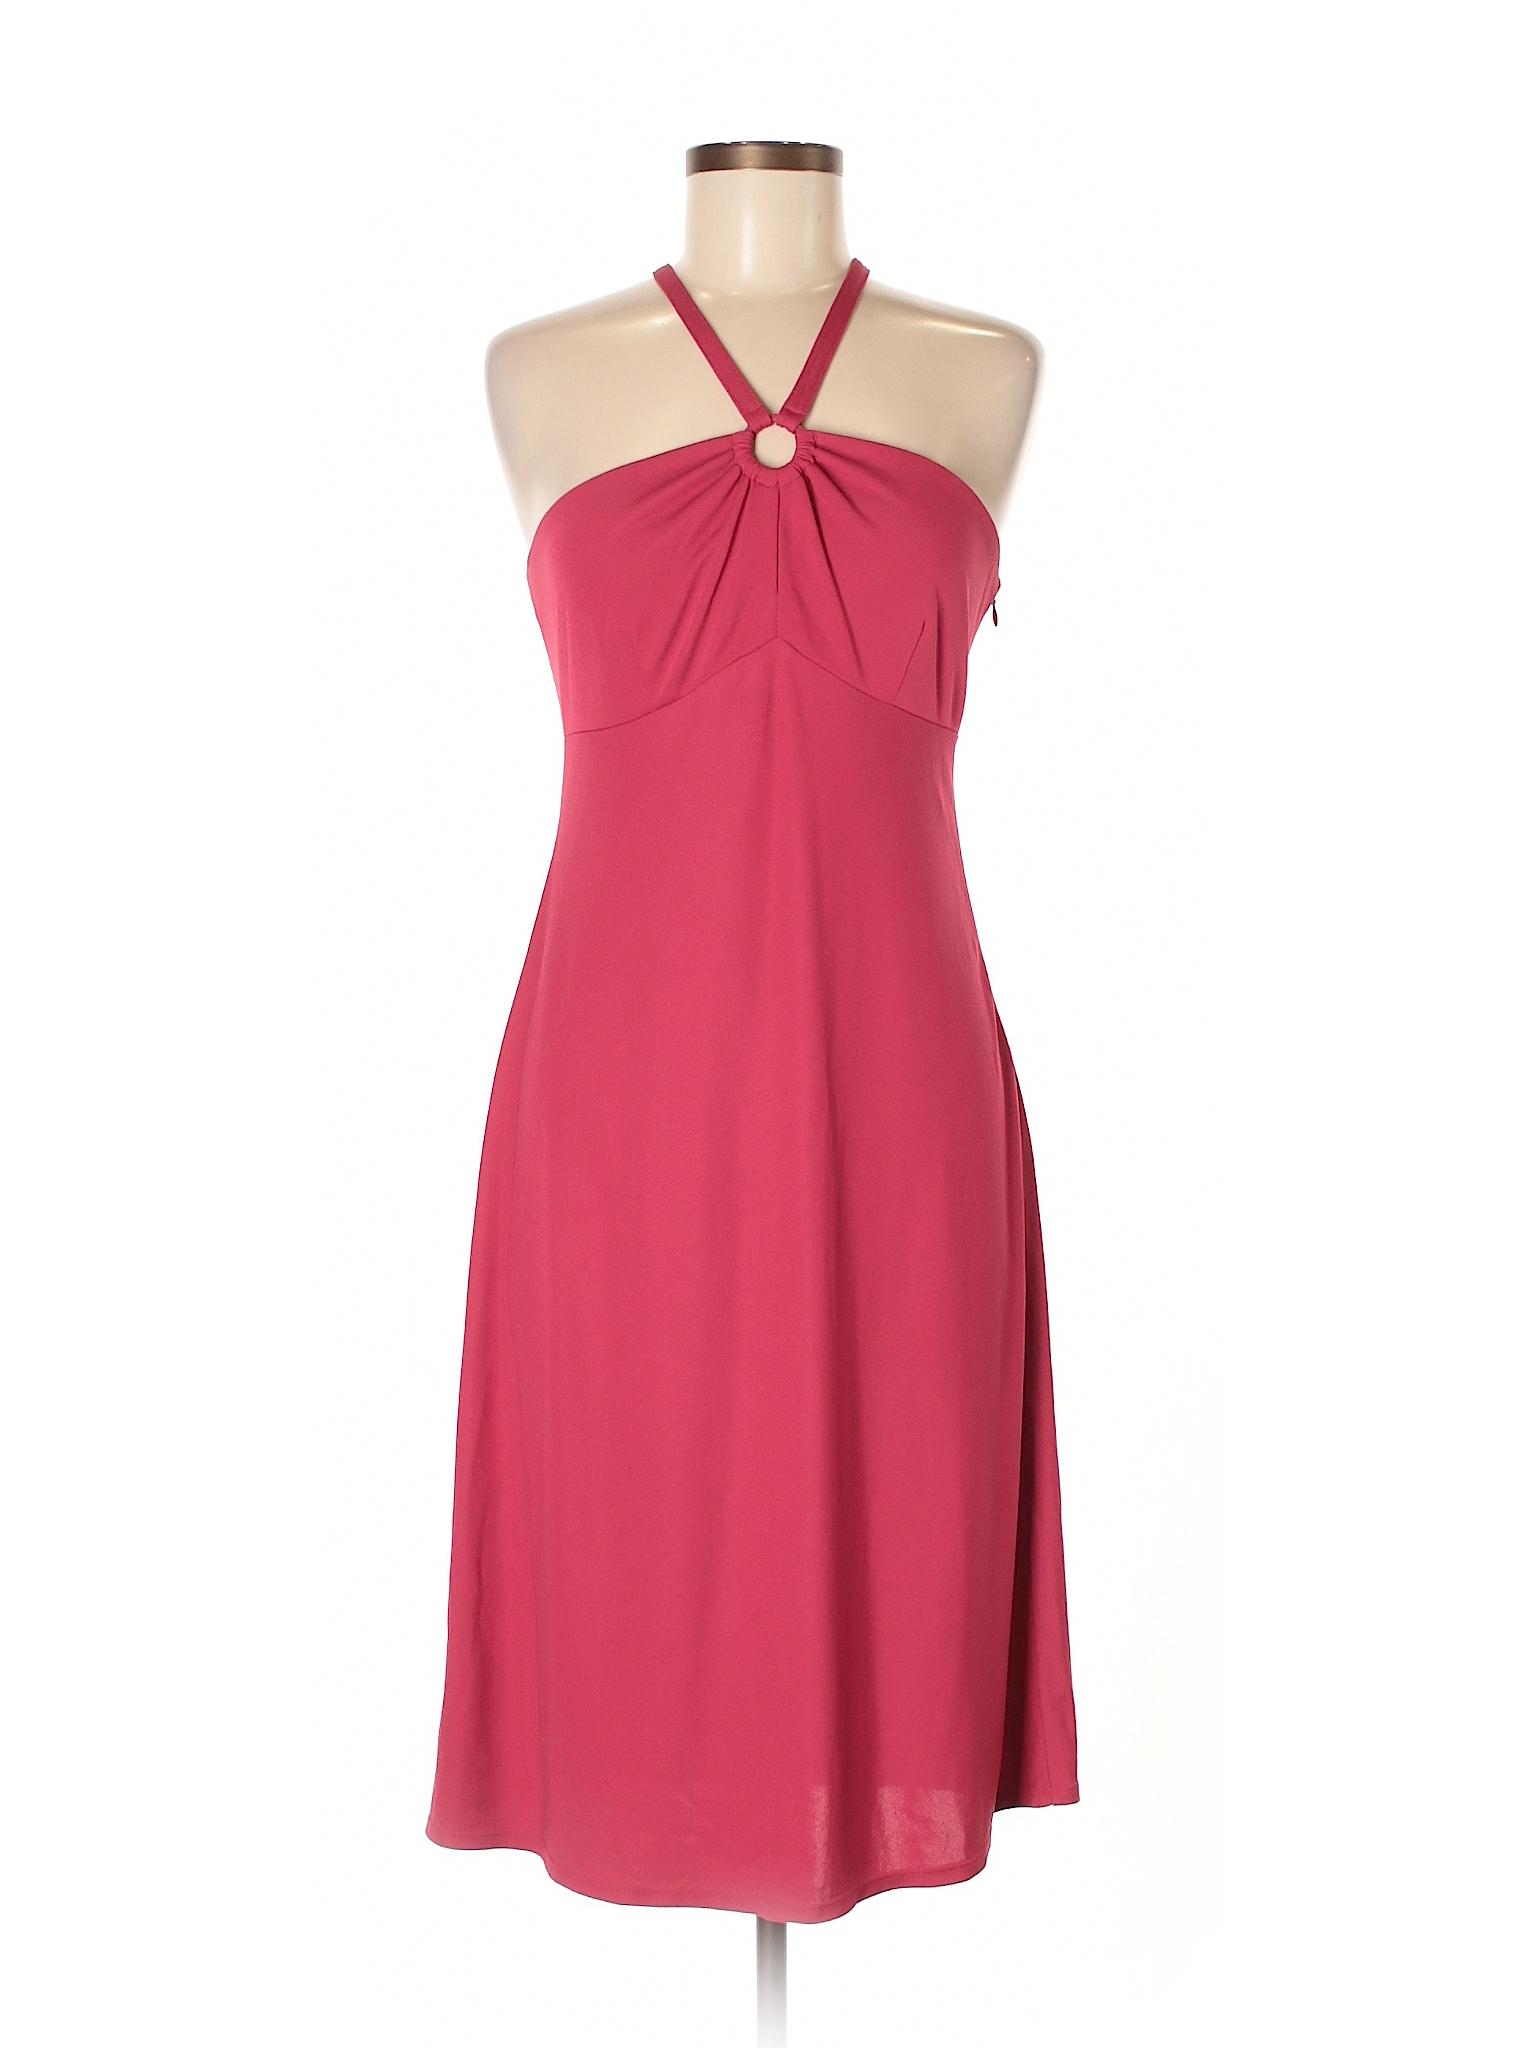 Ann Dress Casual Taylor Selling LOFT qw7F5n6d